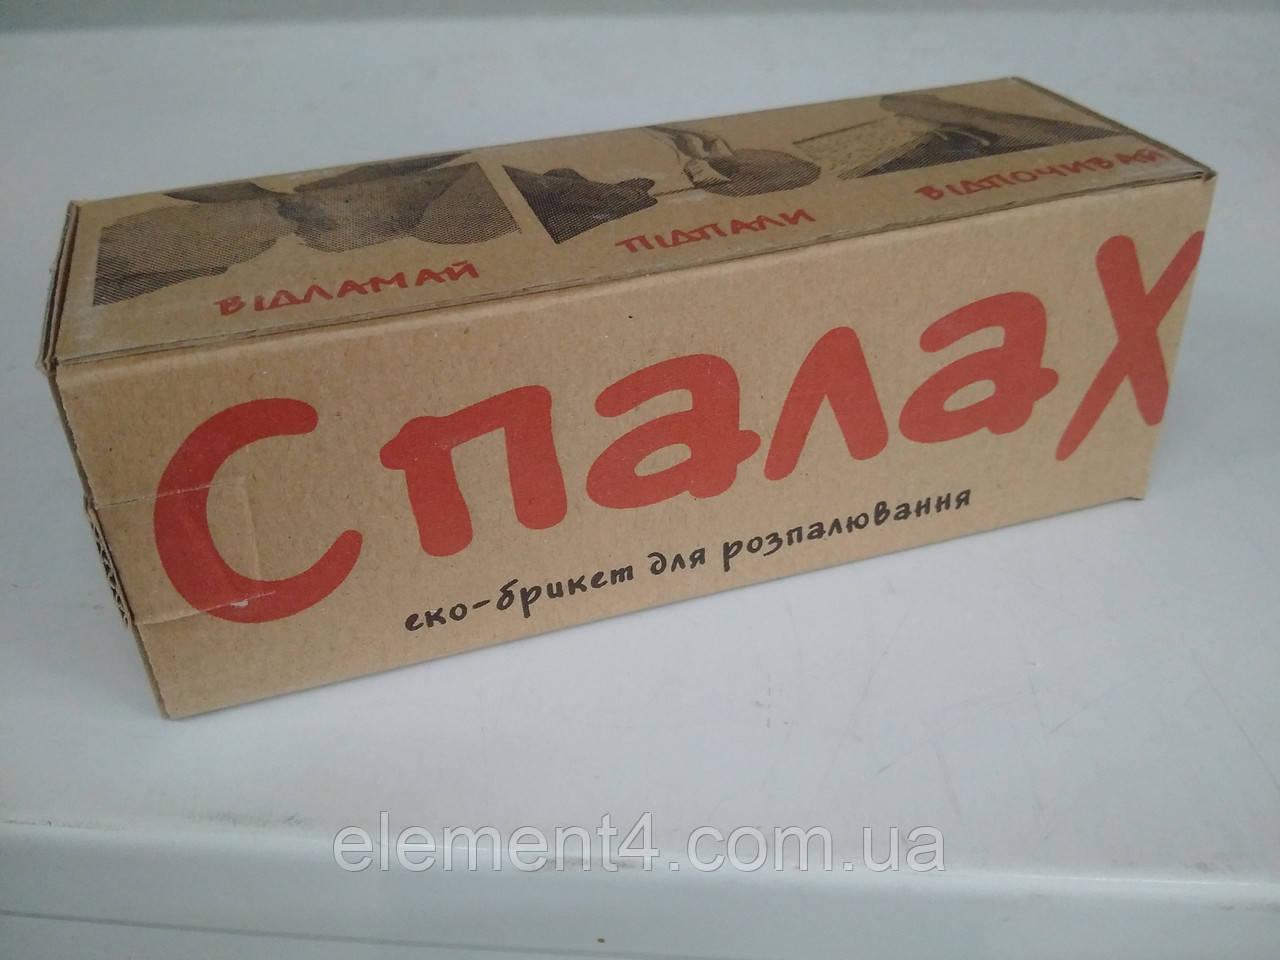 Эко-брикет для розжига СпалаХ - ООО Веселые бобры. Производственная компания. Оптовые и розничные продажи. Расширяем дилерскую сеть в Черниговской области